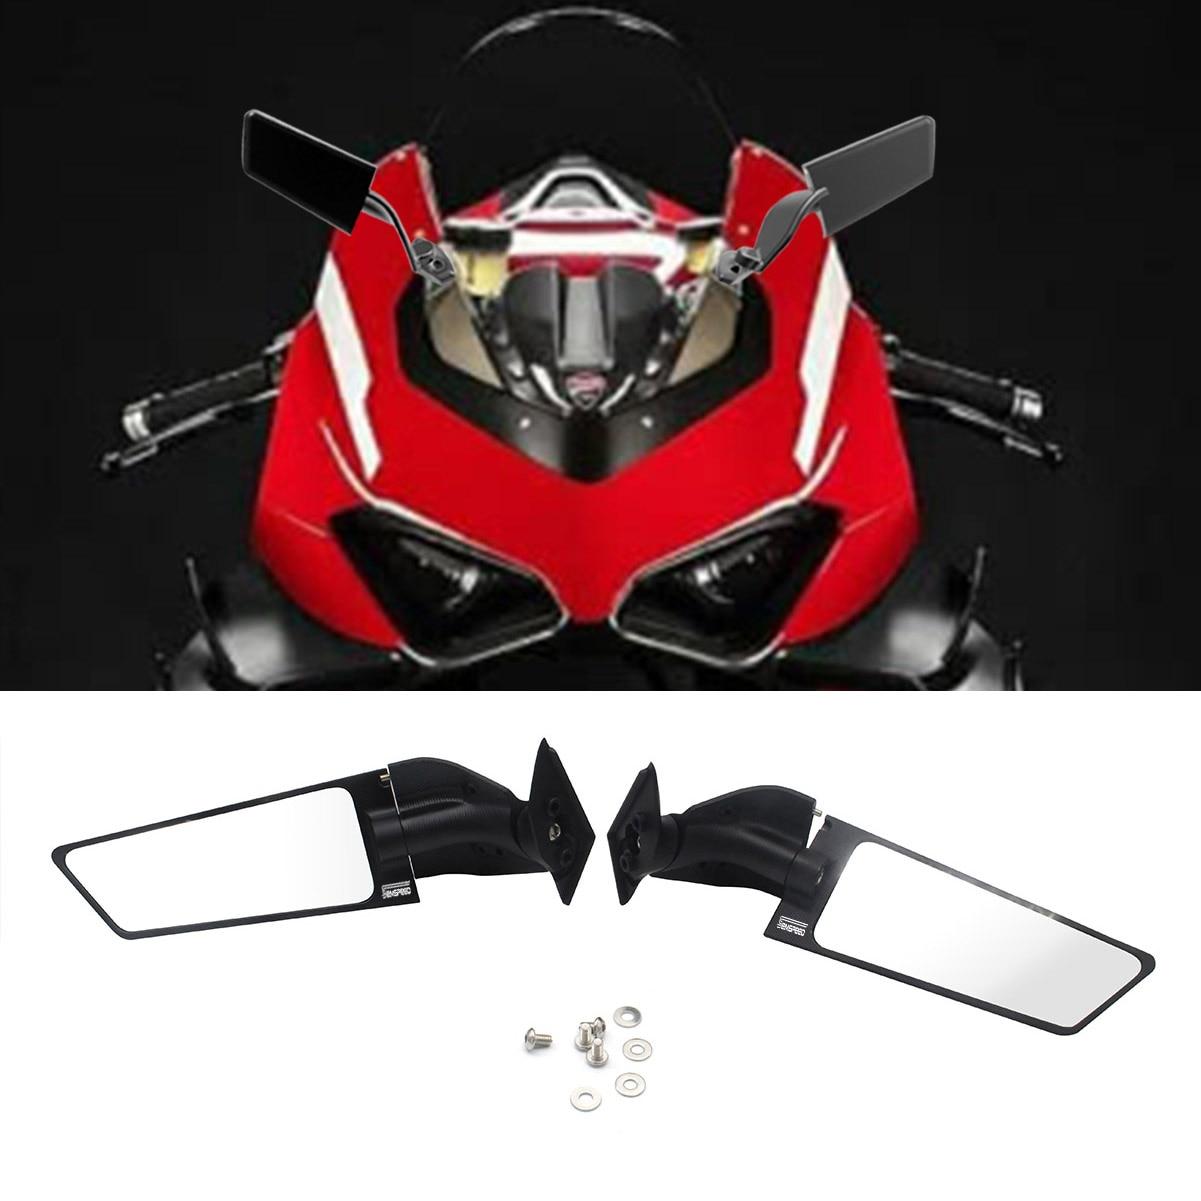 المرايا الجانبية للدراجات النارية تعديل الرياح الجناح قابل للتعديل الدورية مرآة الرؤية الخلفية 2 قطعة ل Ducati Panigale V2 V4 2018-2020 2021